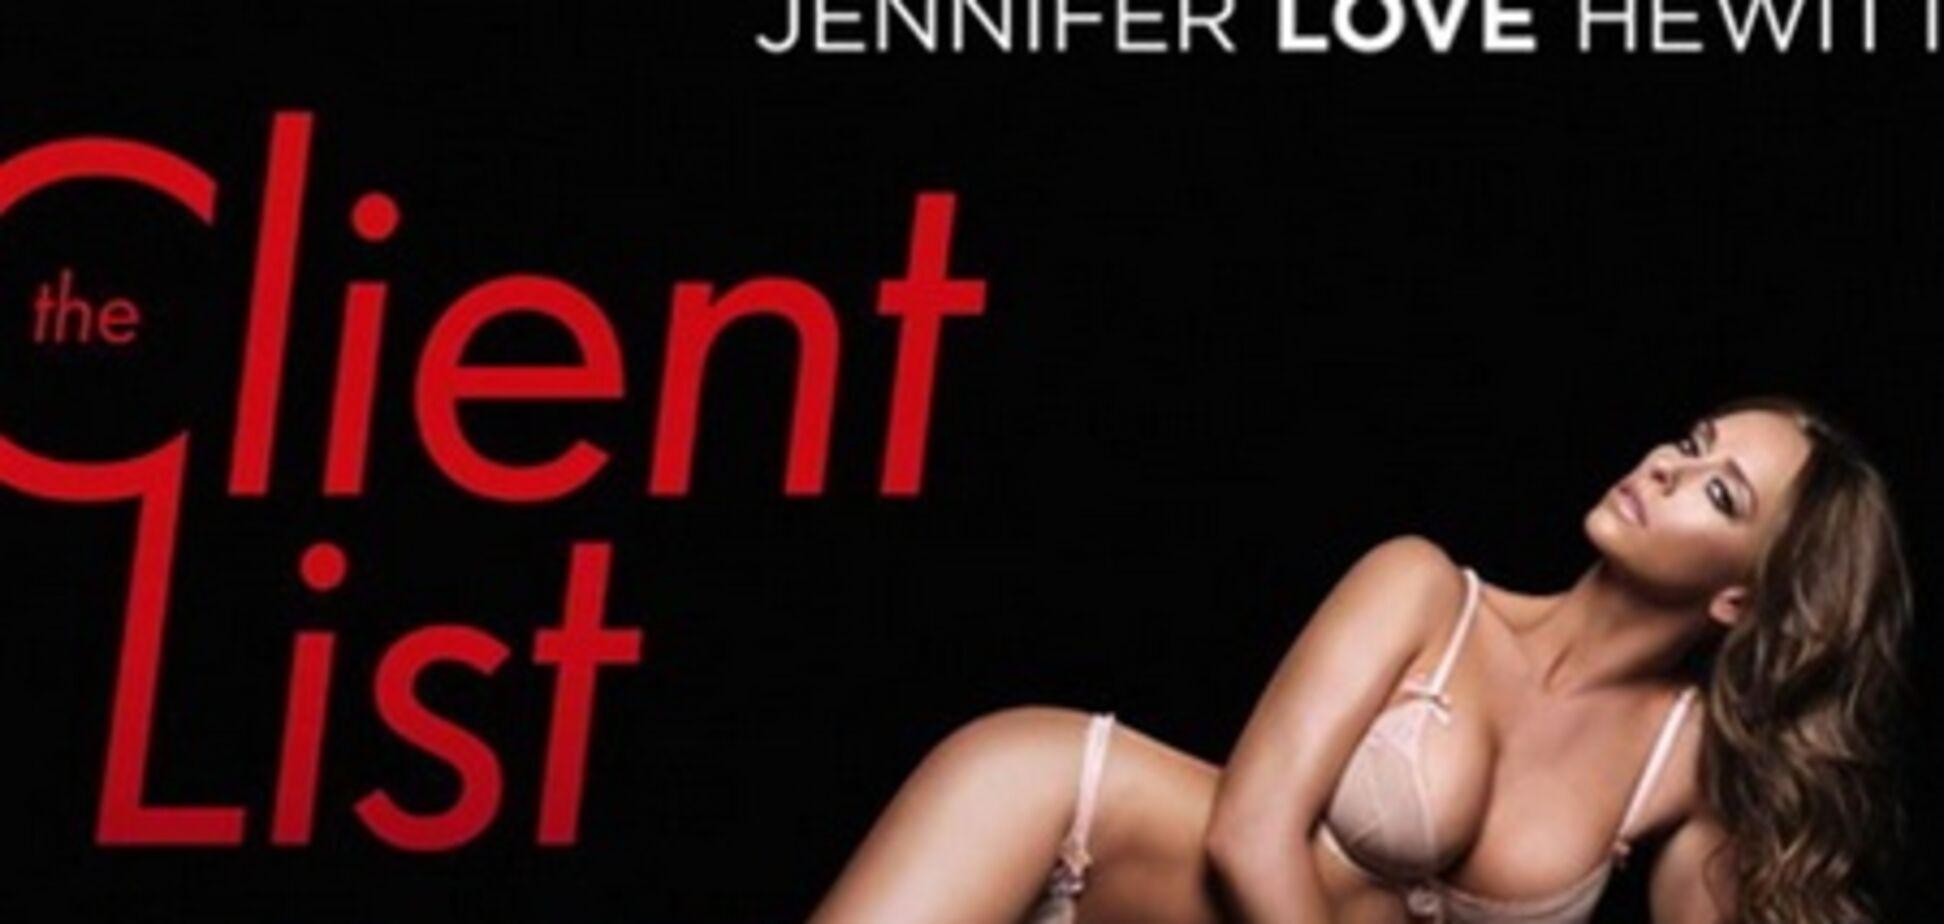 Дженнифер Лав Хьюитт рекламирует сериал в нижнем белье